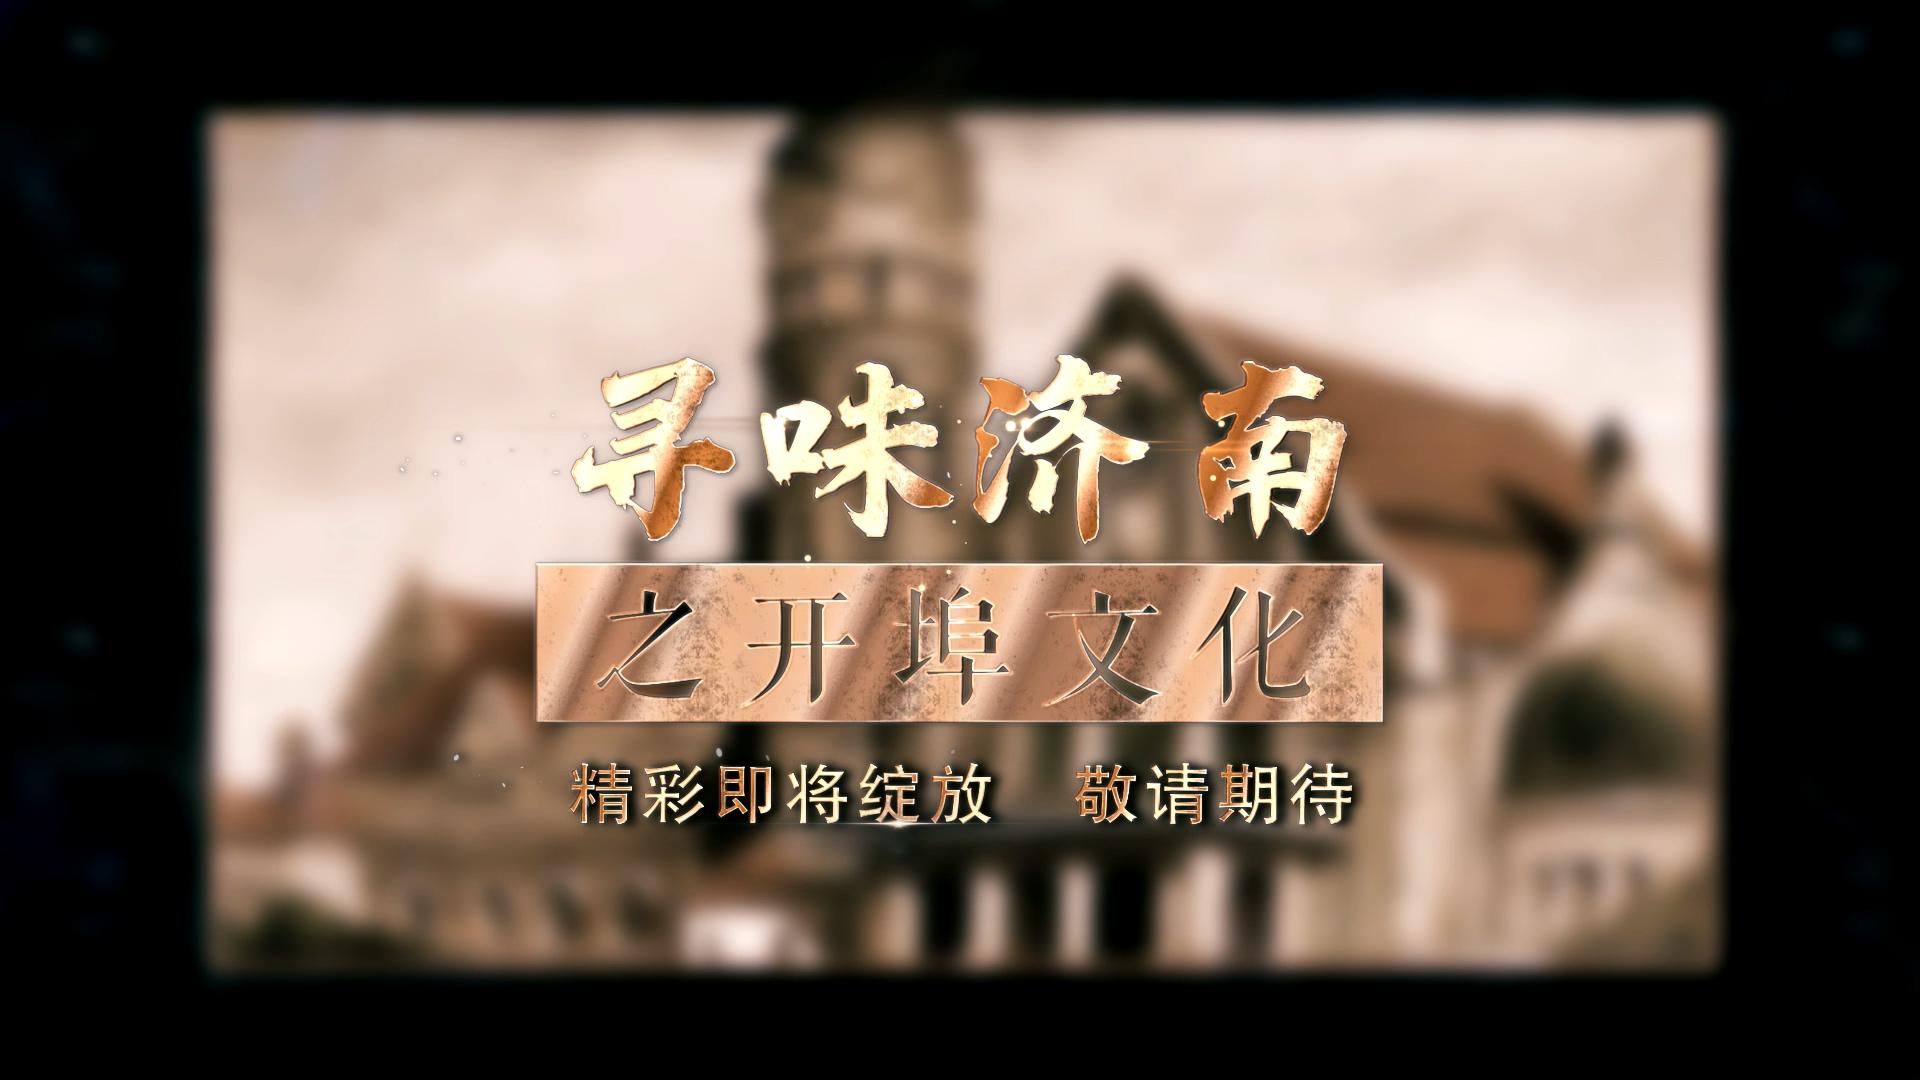 舜网全新策划《味道济南——开埠文化》重磅来袭